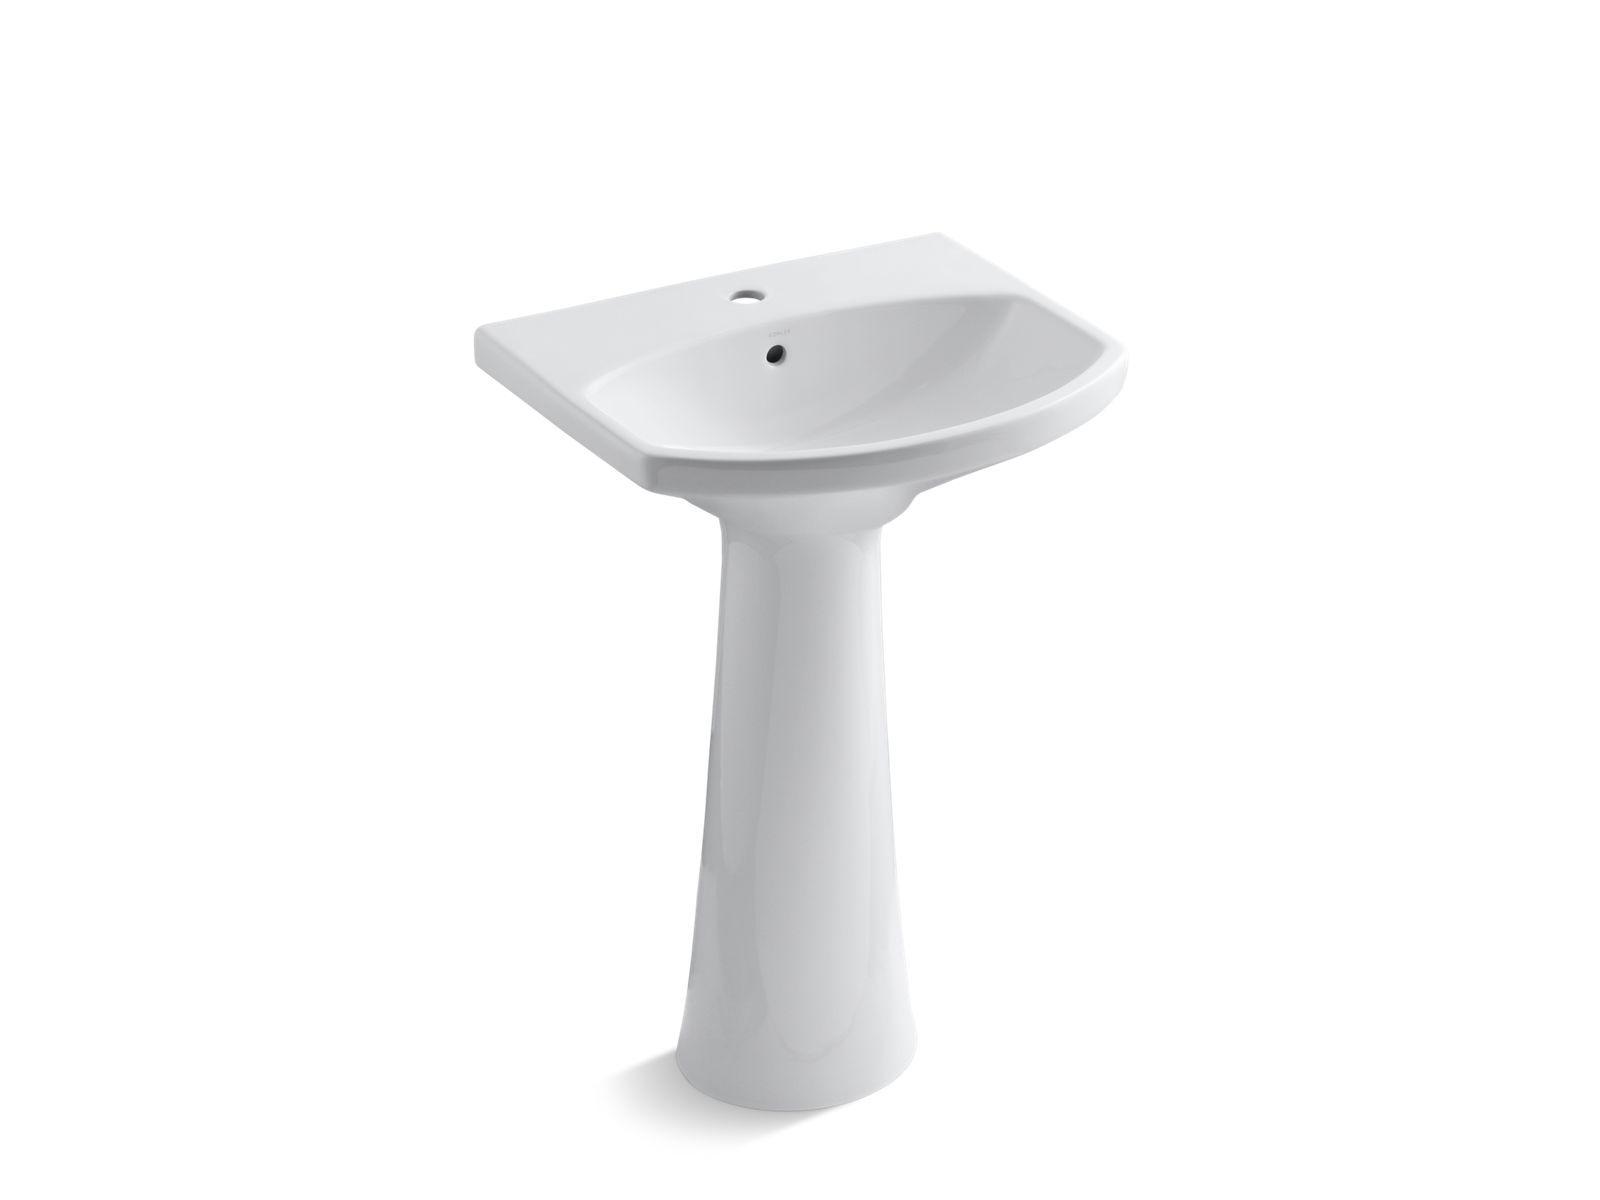 Cimarron Pedestal Sink With Single Faucet Hole K 2362 1 Kohler